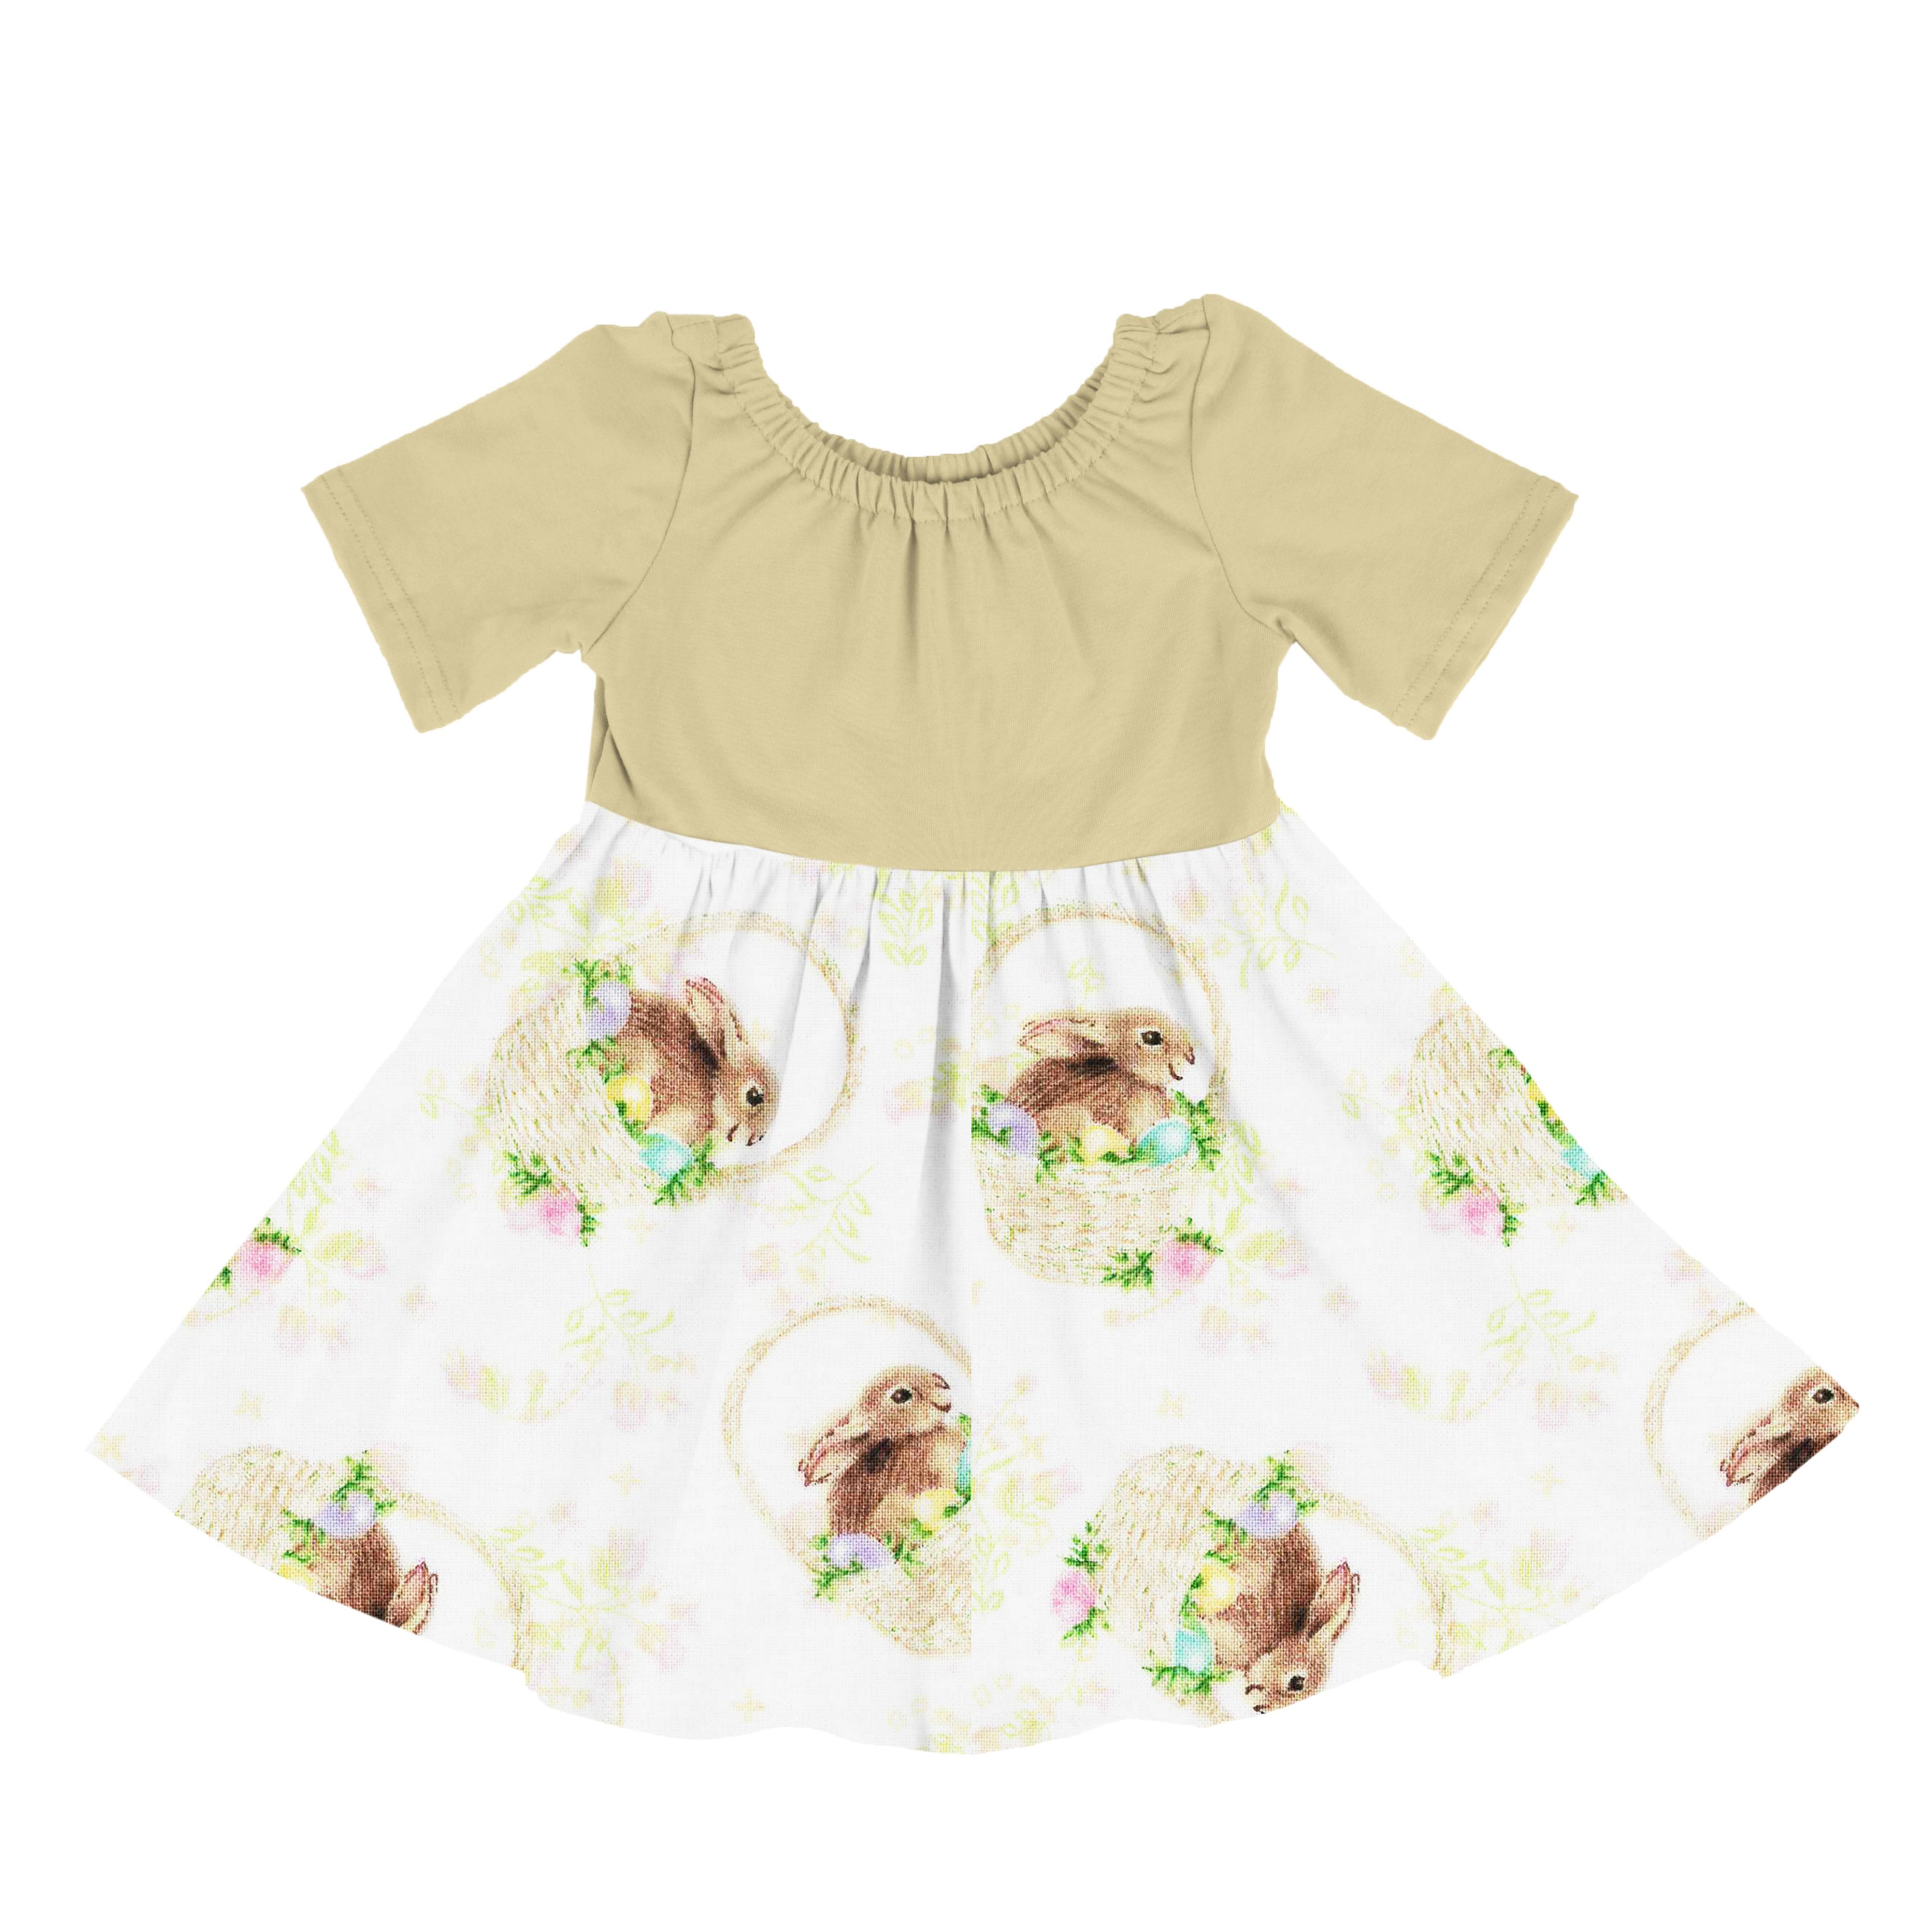 Wholesale boutique dresses for infants - Online Buy Best boutique ...